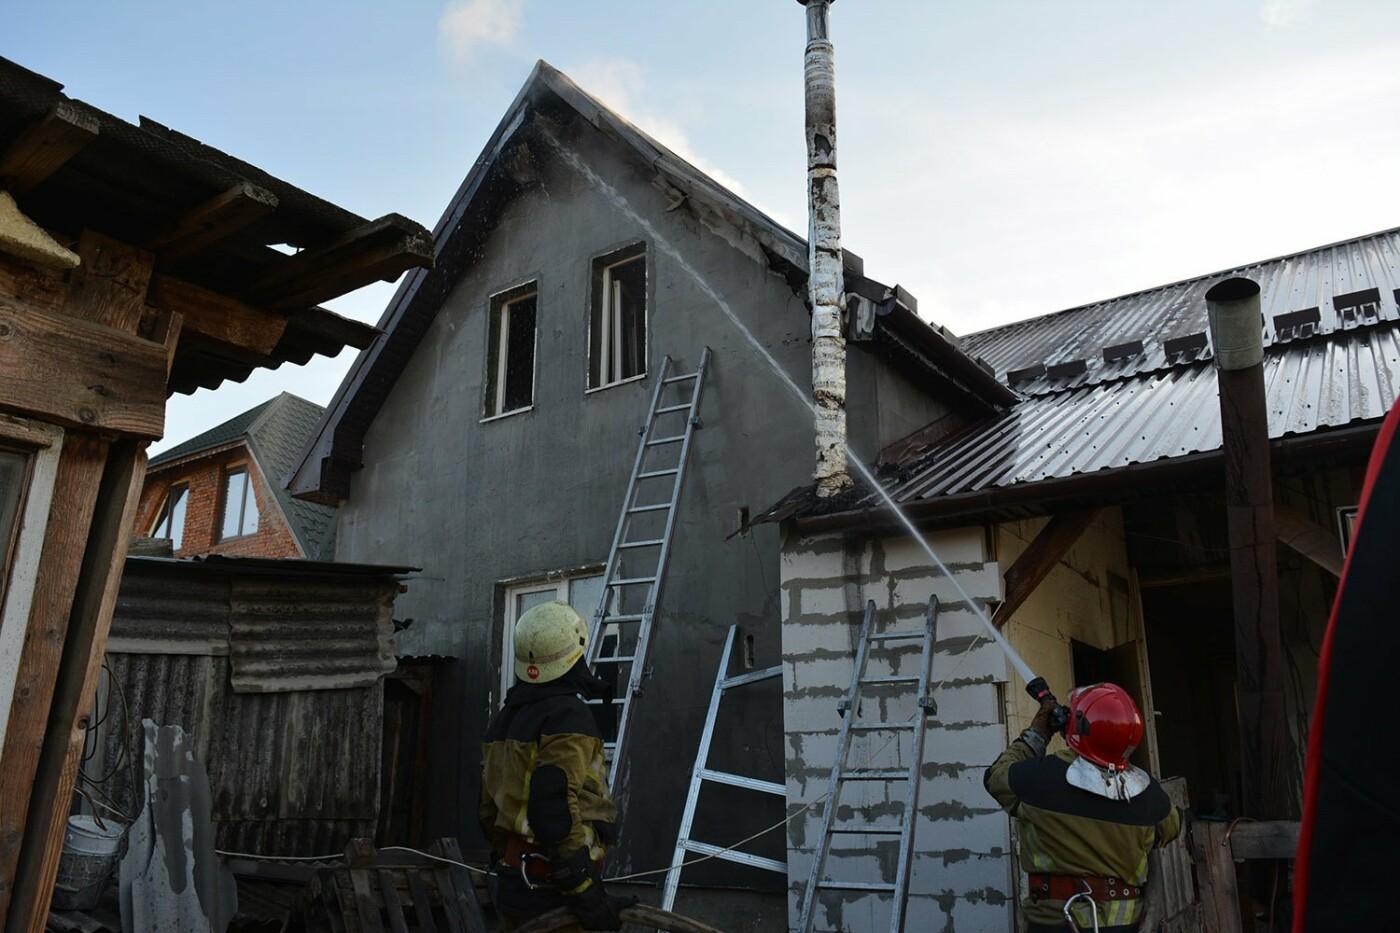 Ужгородські пожежники врятували приватний будинок від вогню (ФОТО), фото-2